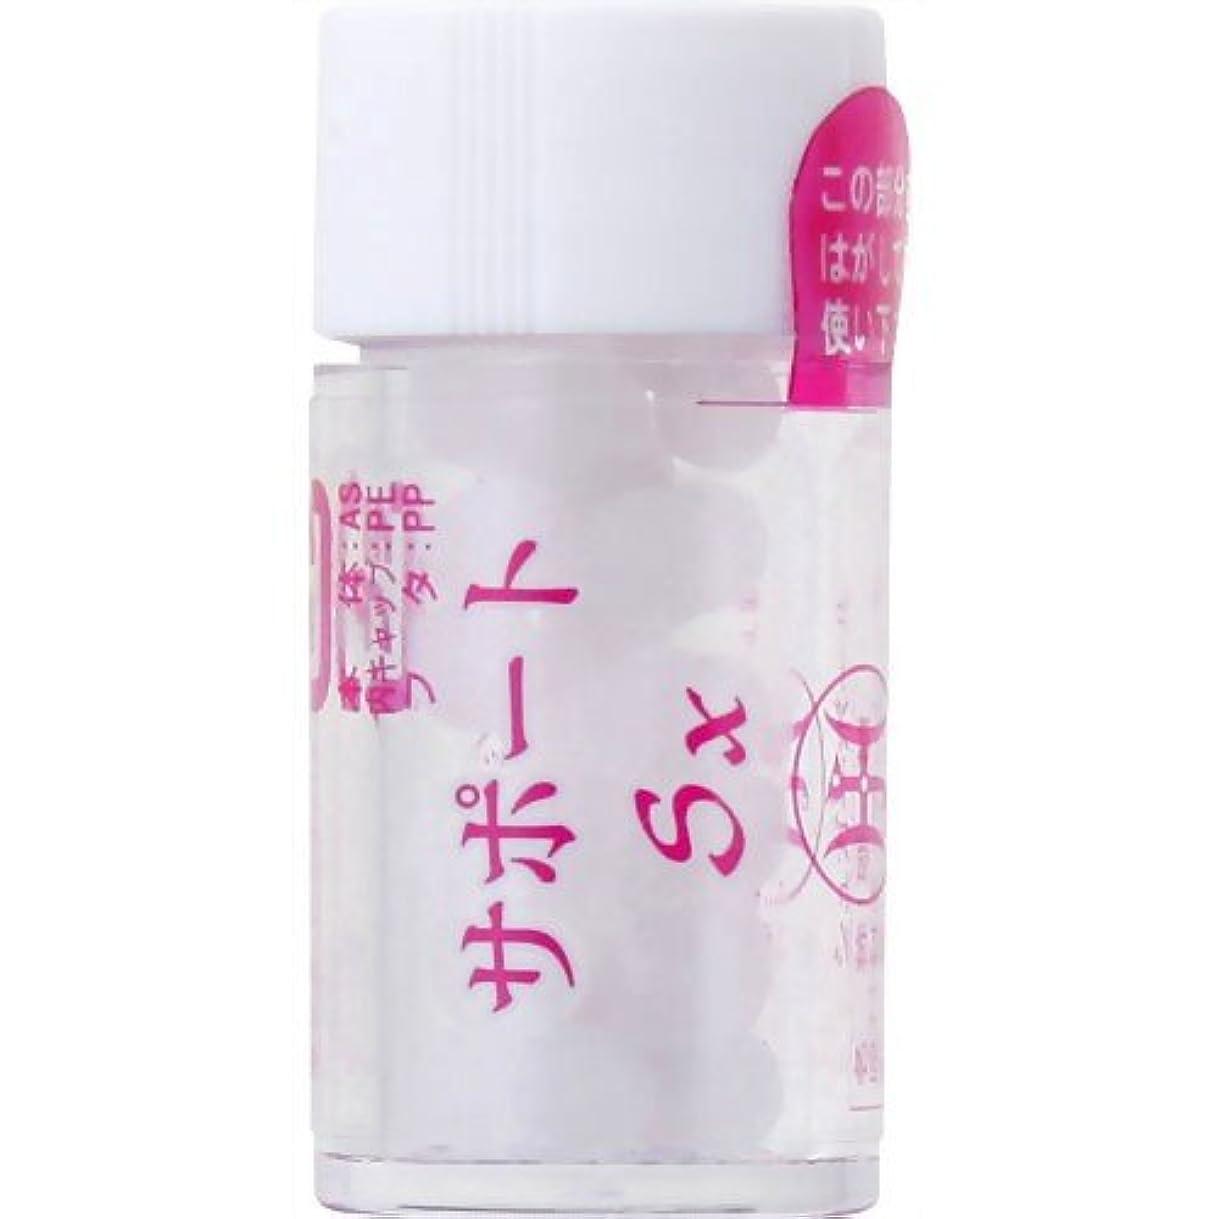 ギャング見習いパーセントホメオパシージャパンレメディー サポートSx(小ビン)